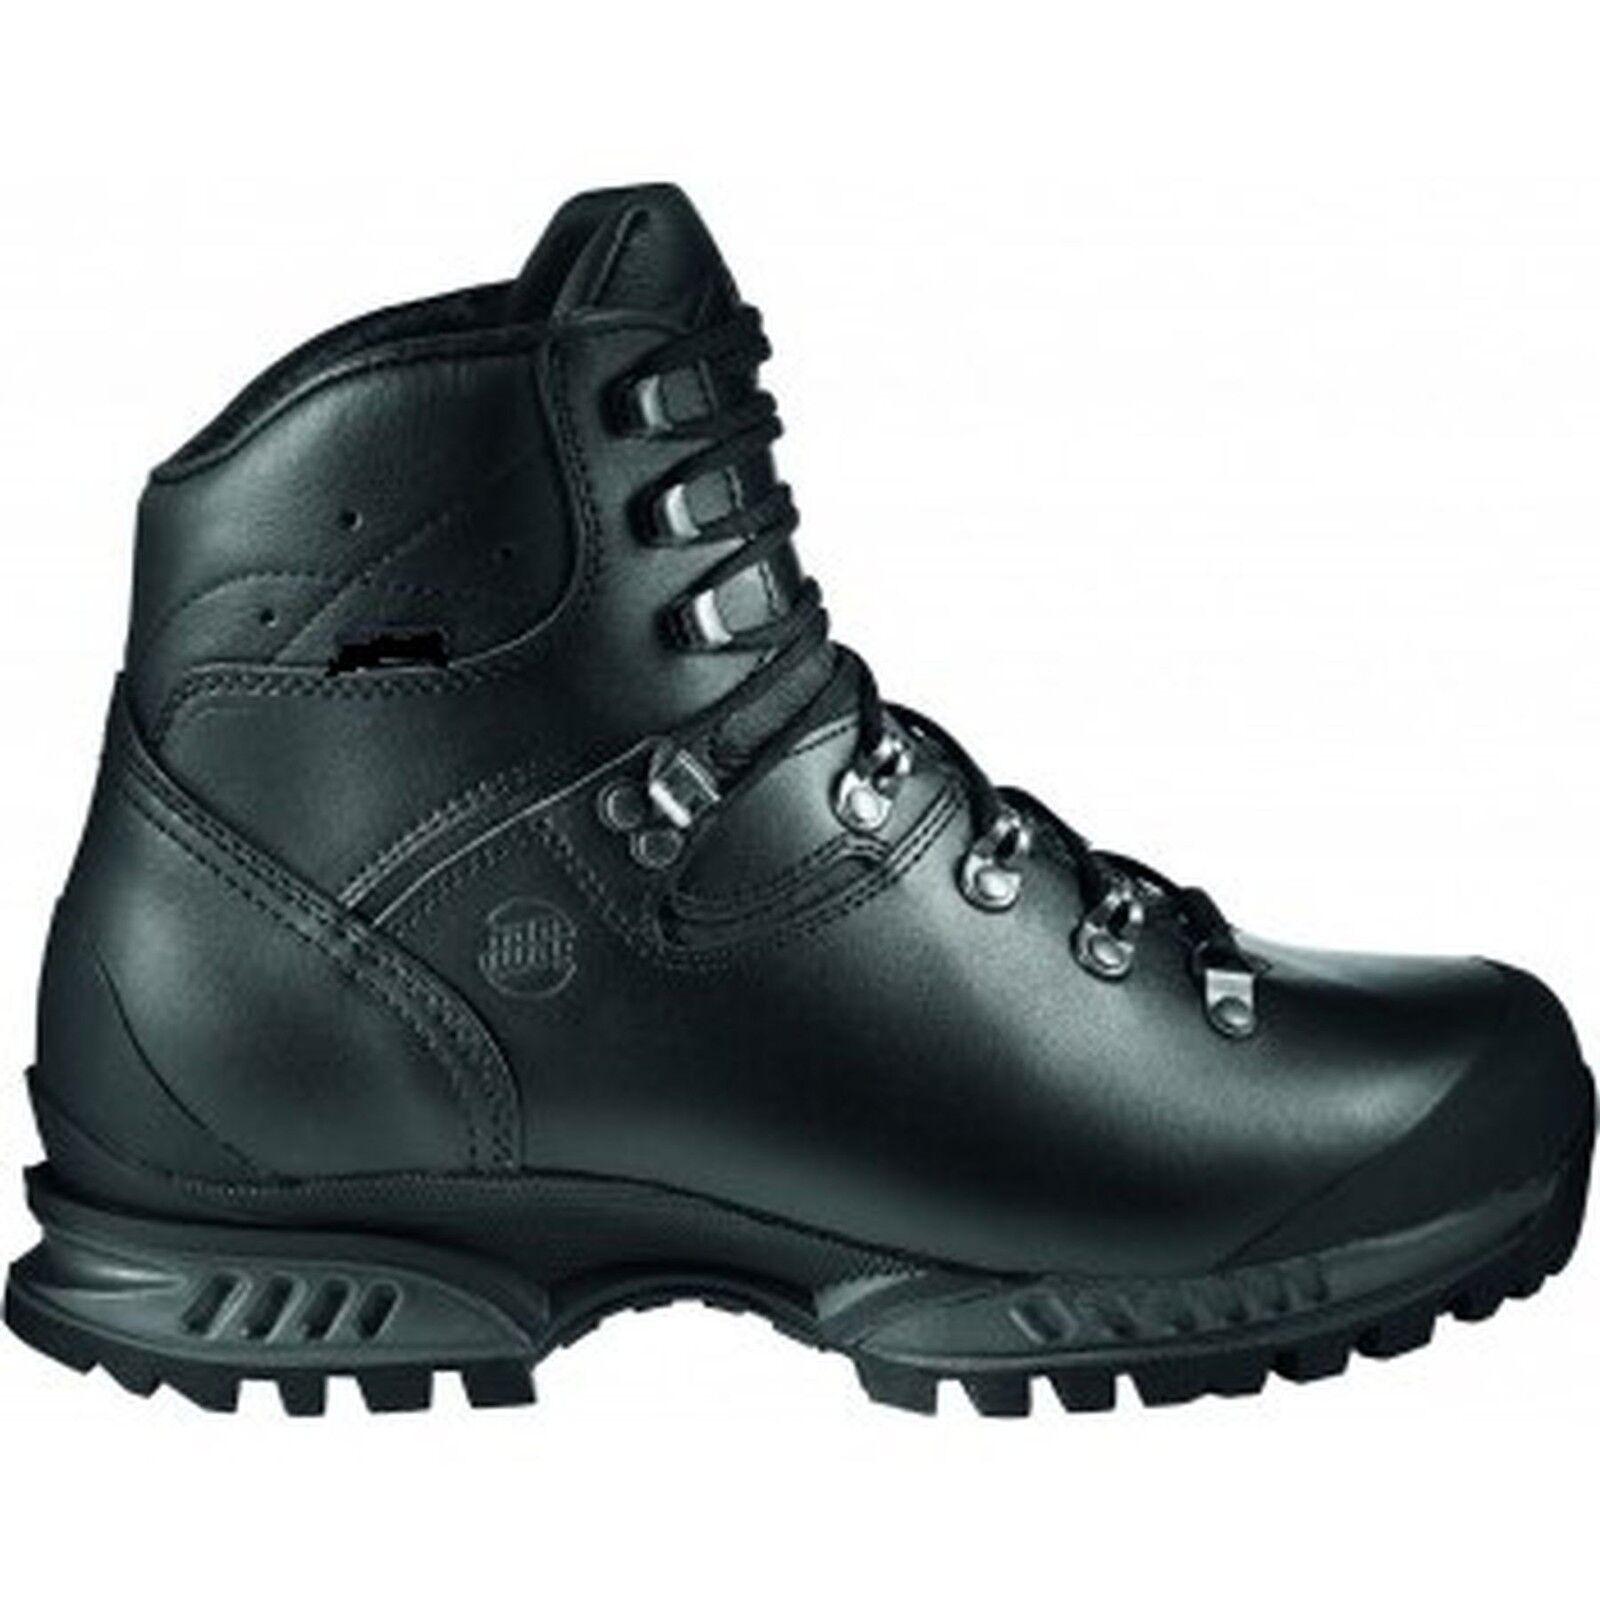 Hanwag zapatos de montaña  Tatra Lady cuero tamaño 7 - 40,5 negro